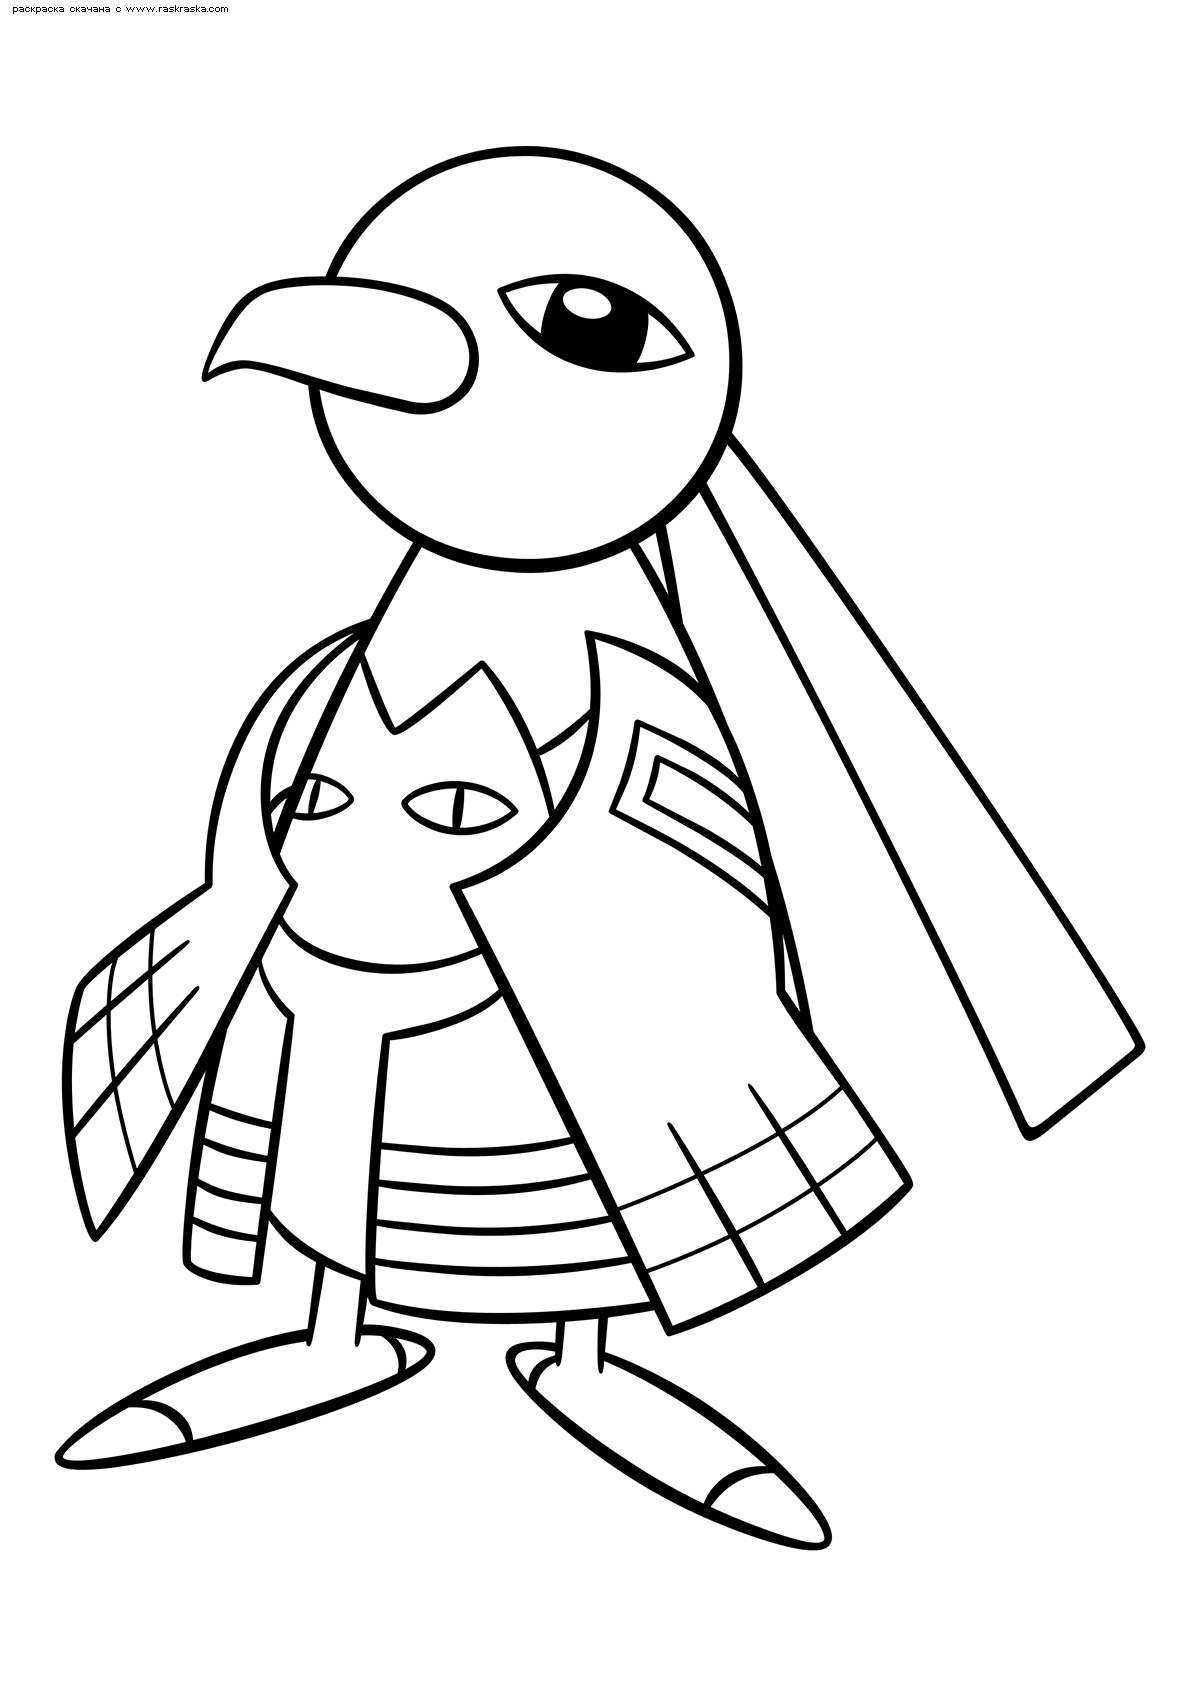 Раскраска Покемон Ксату (Xatu) | Раскраски эволюция ...